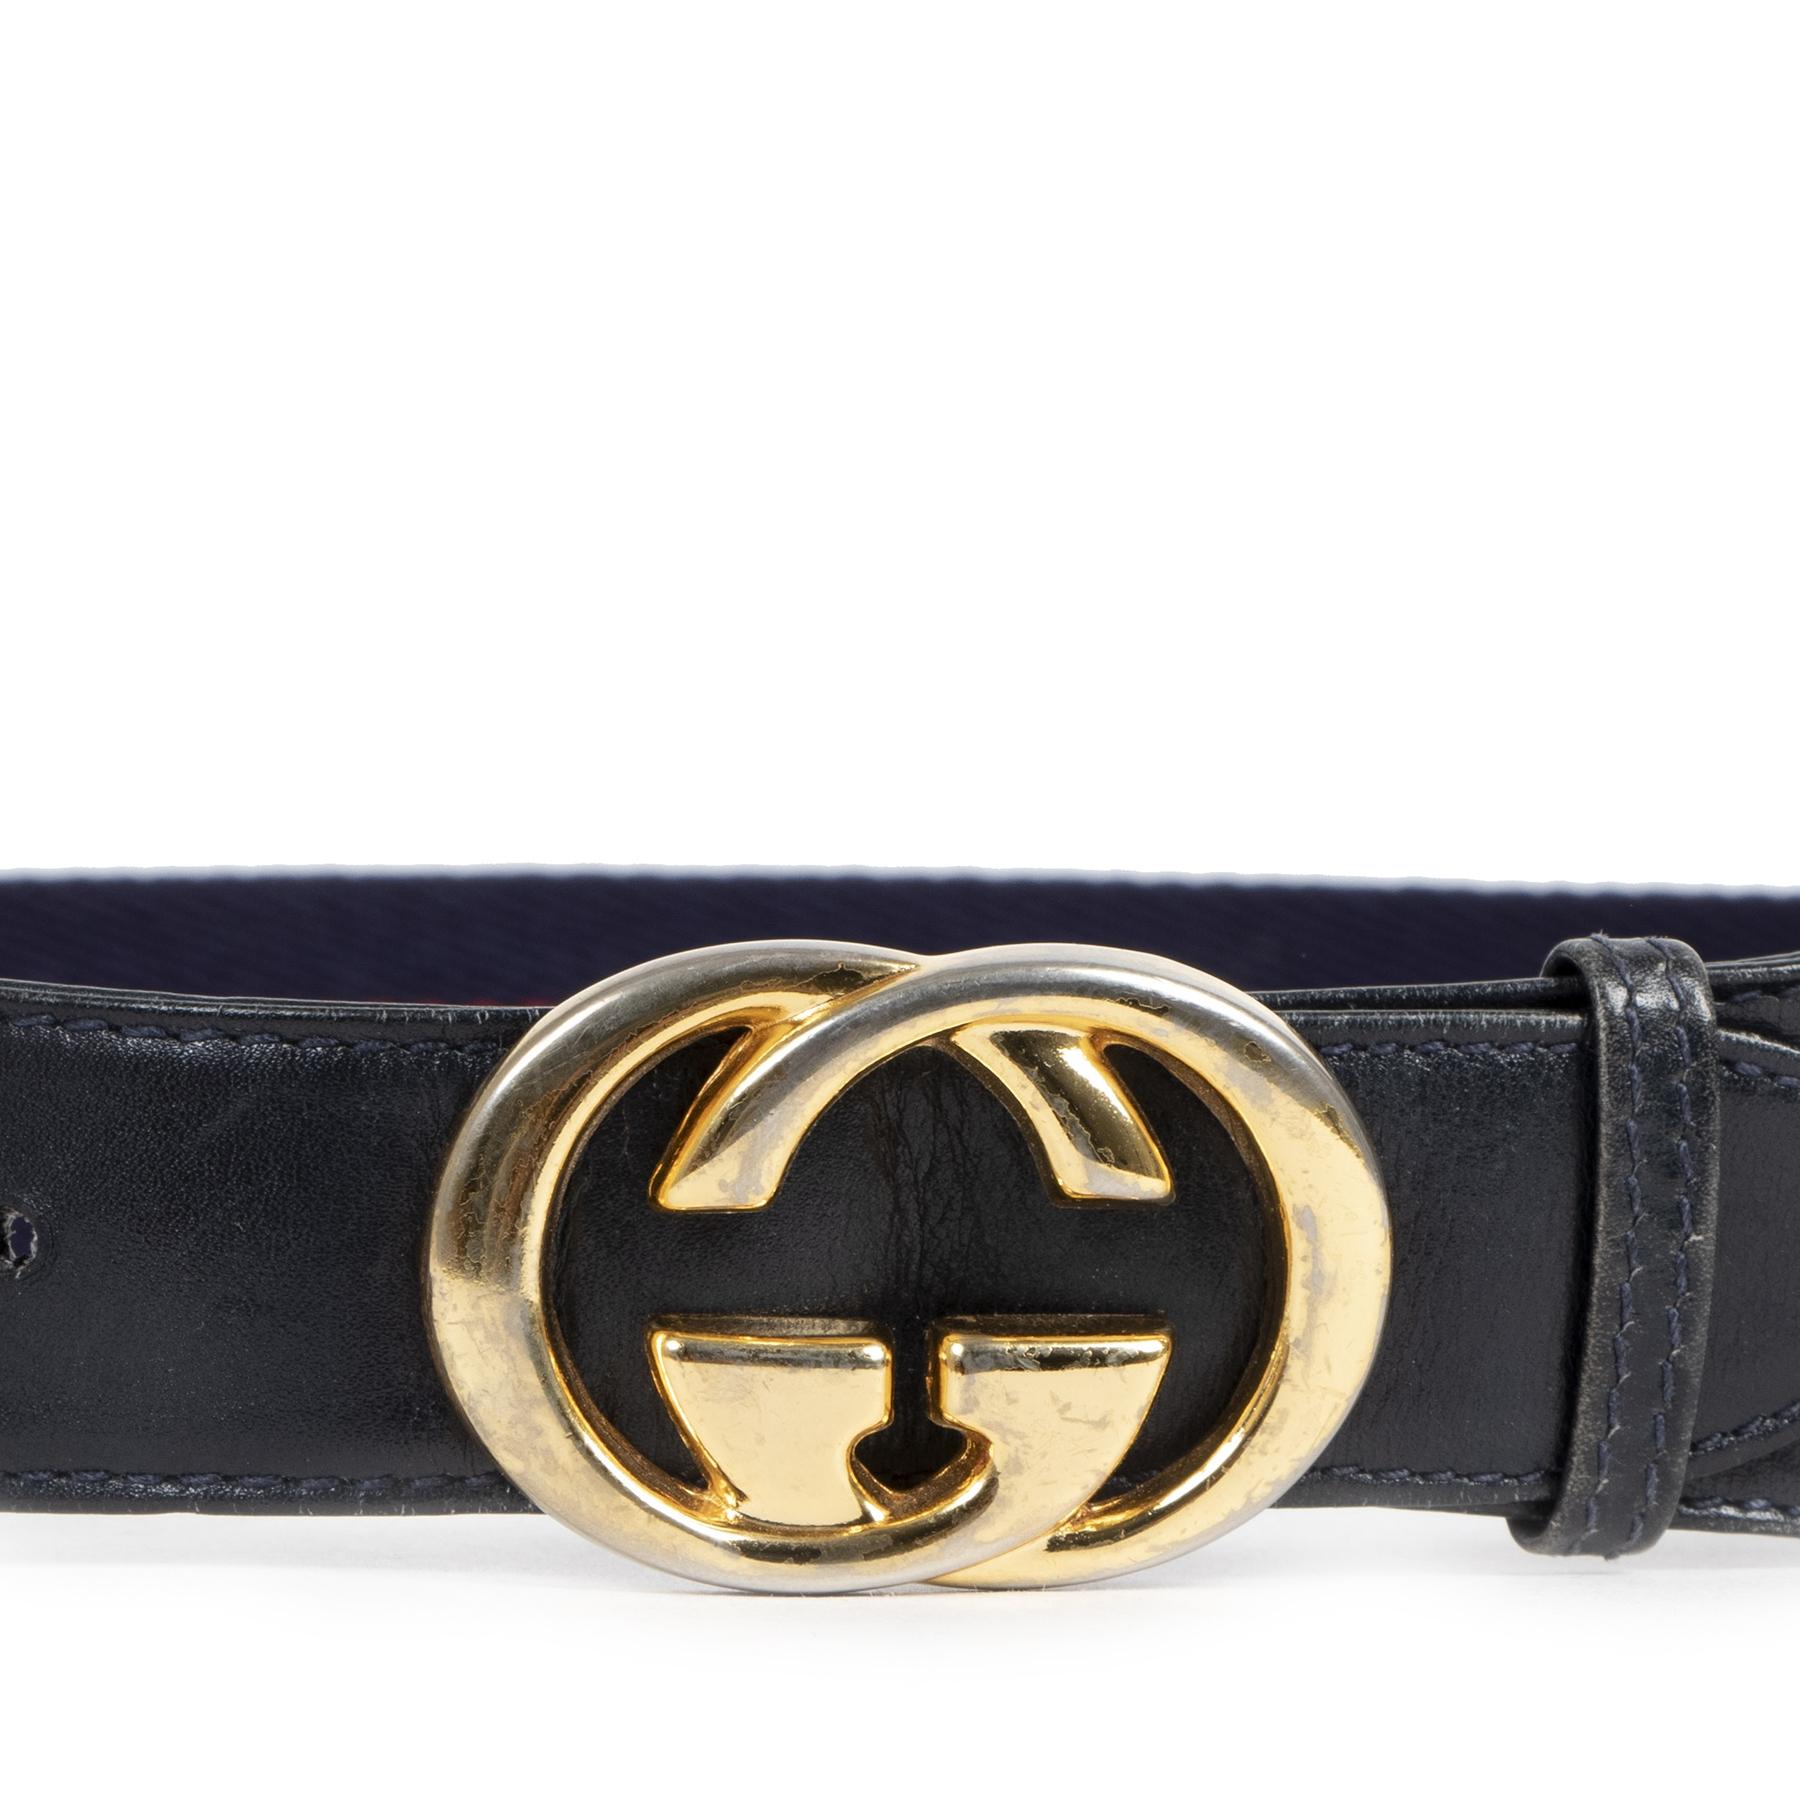 Gucci Blue Red Web Belt GG Buckle pour le meilleur prix chez Labellov à Anvers